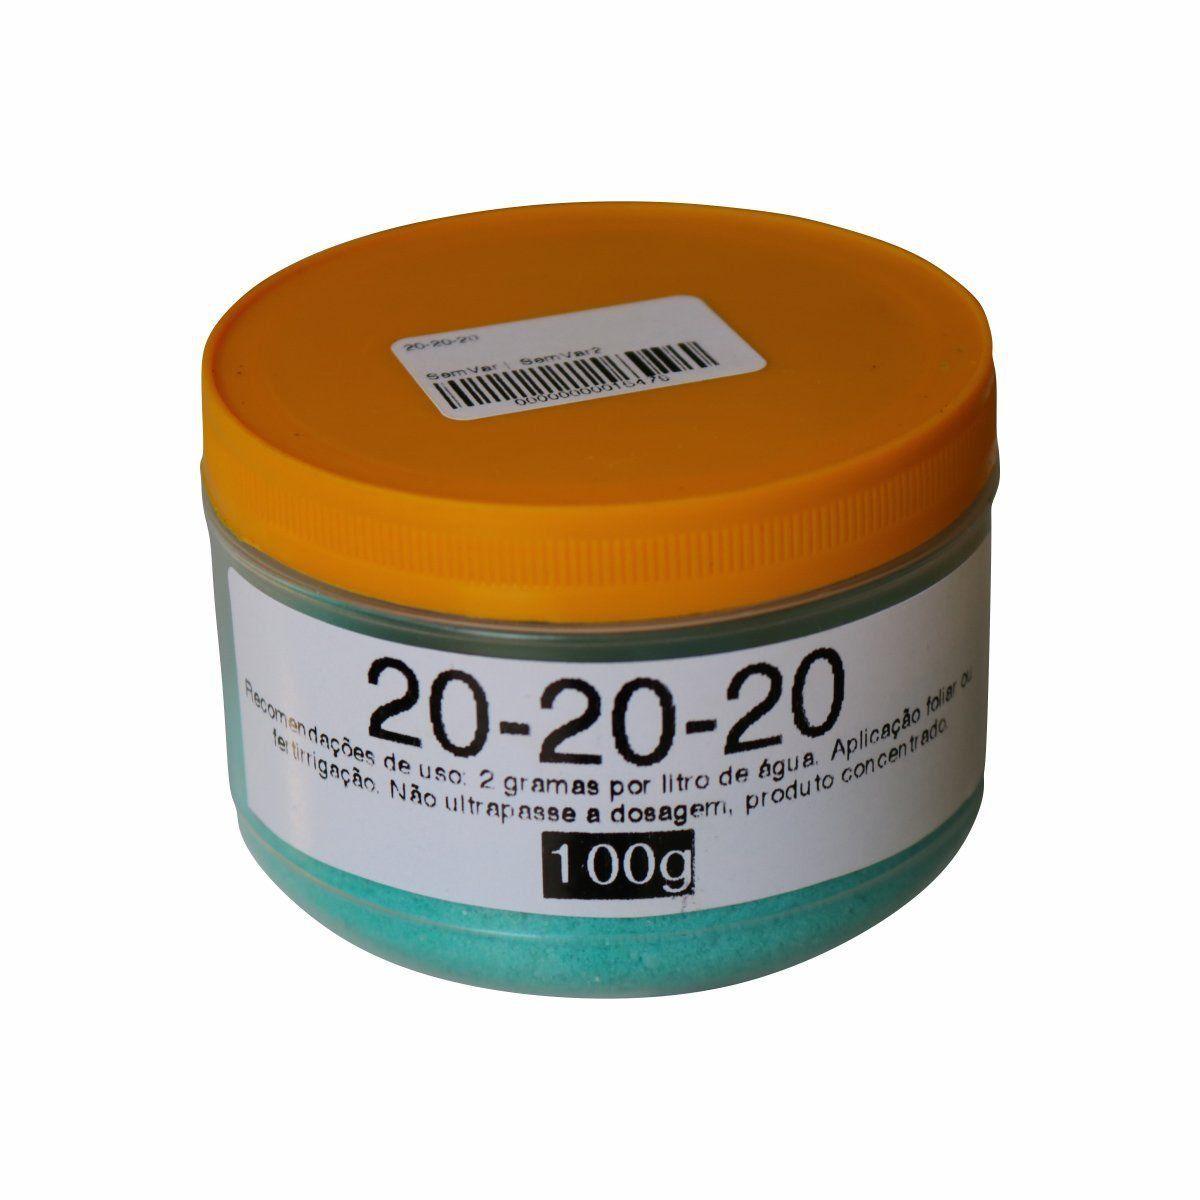 Fertilizante Plant-Prod 20-20-20 100g Foliar ou para Fertirrigação